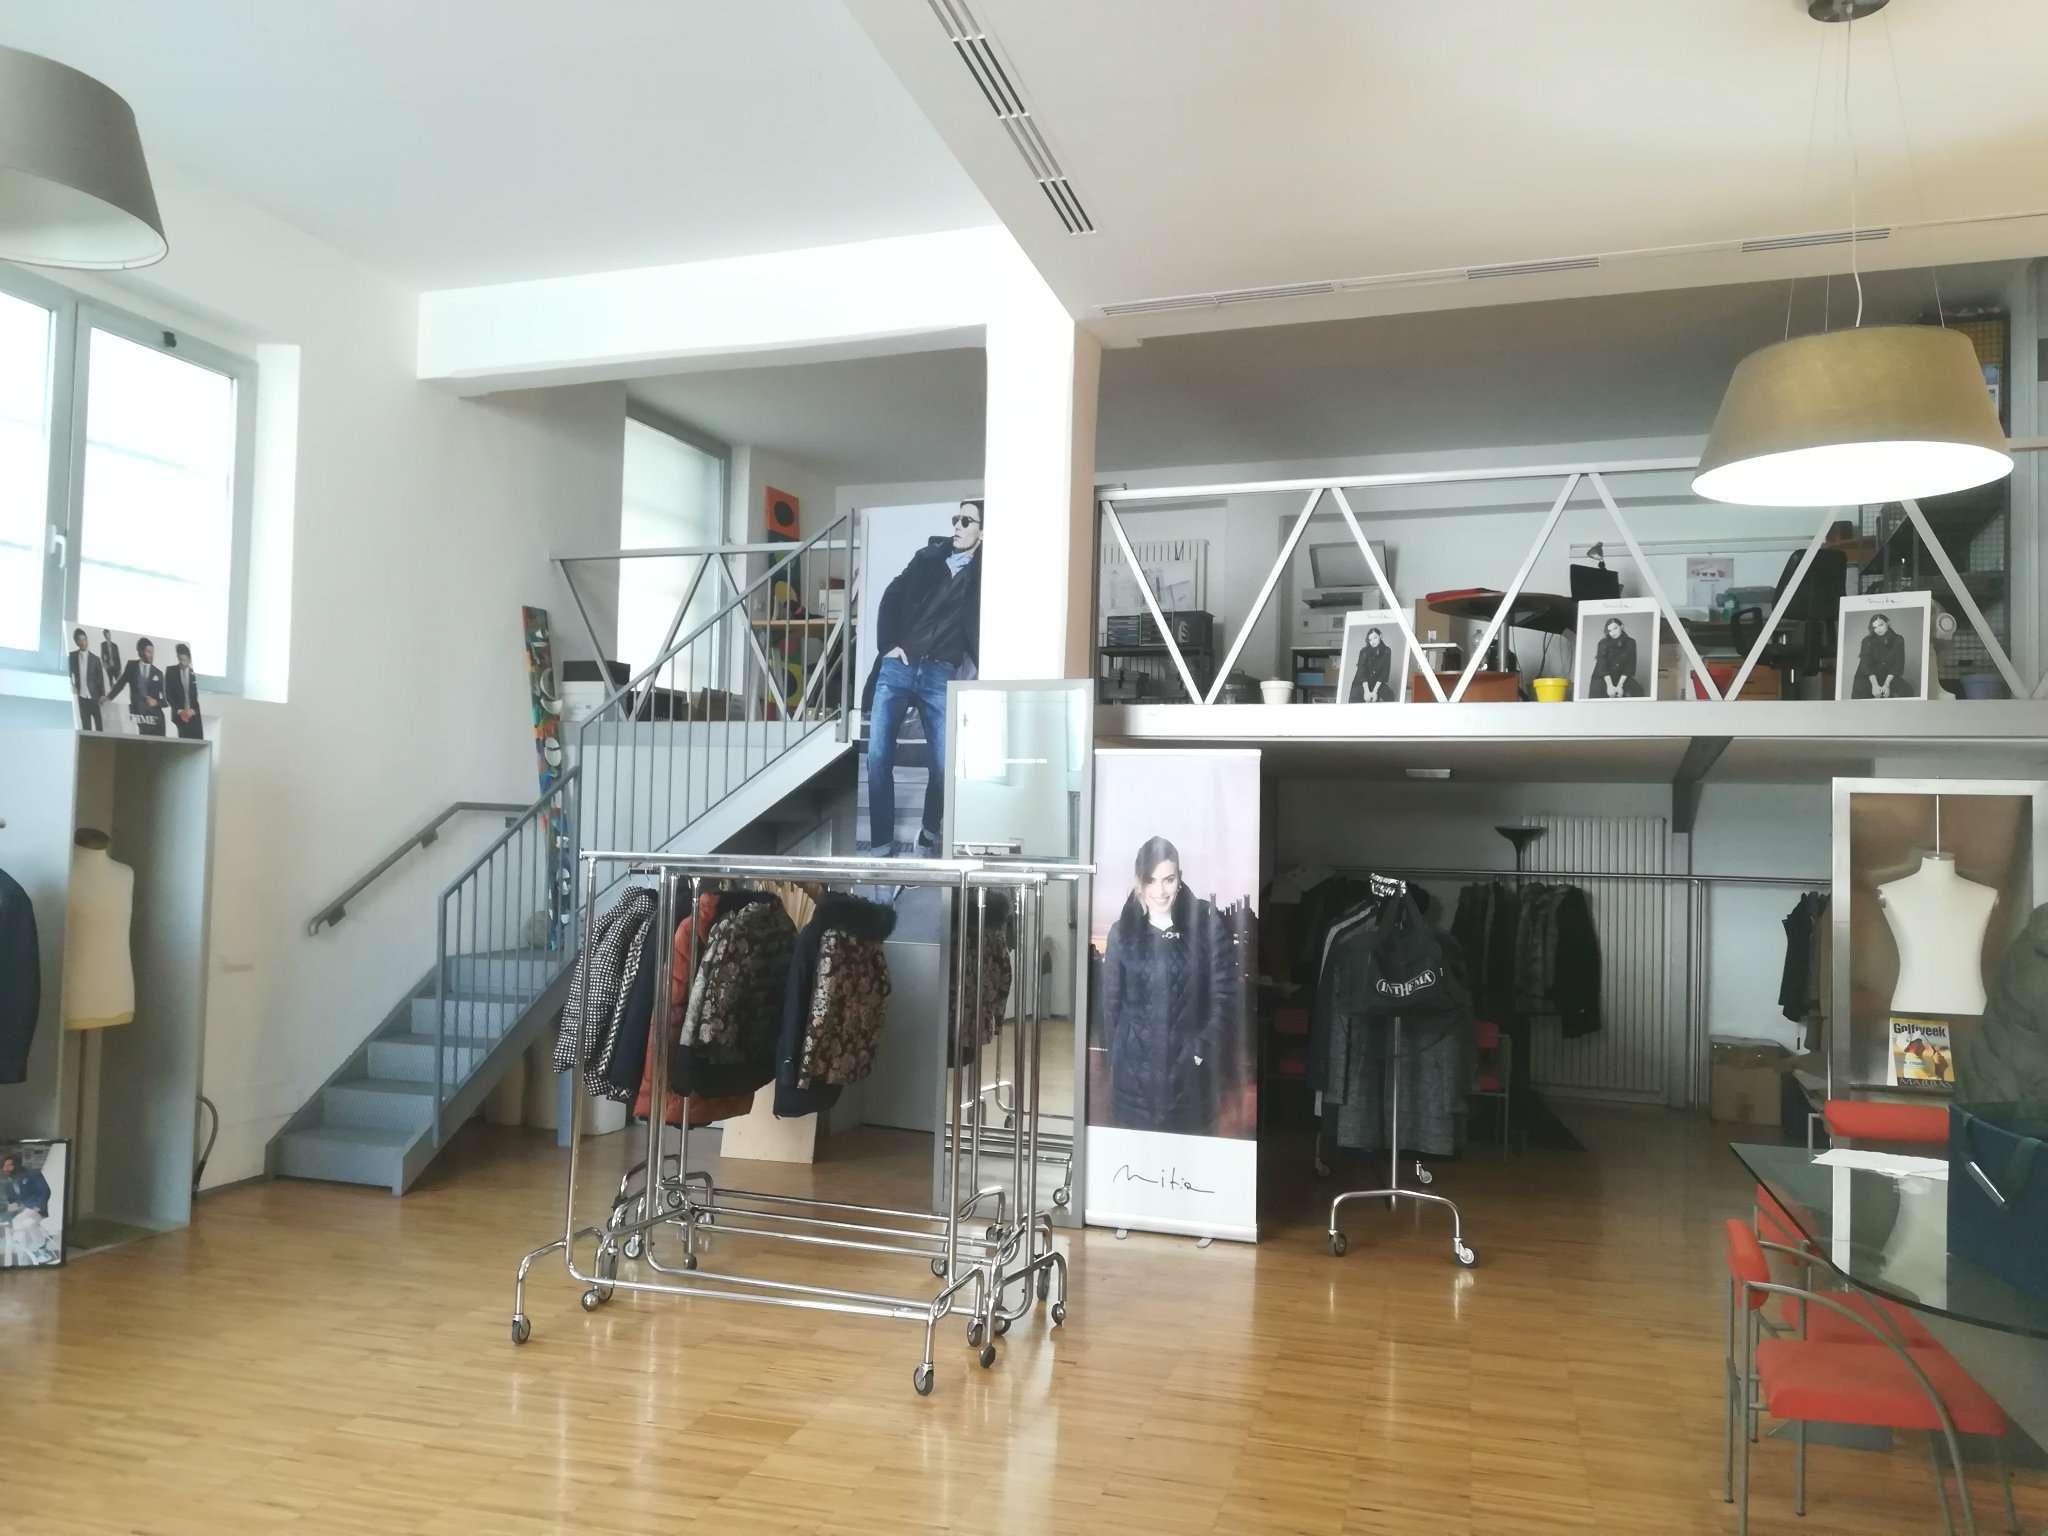 Altro in affitto a Milano, 1 locali, zona Zona: 17 . Quarto Oggiaro, Villapizzone, Certosa, Vialba, prezzo € 1.833   CambioCasa.it